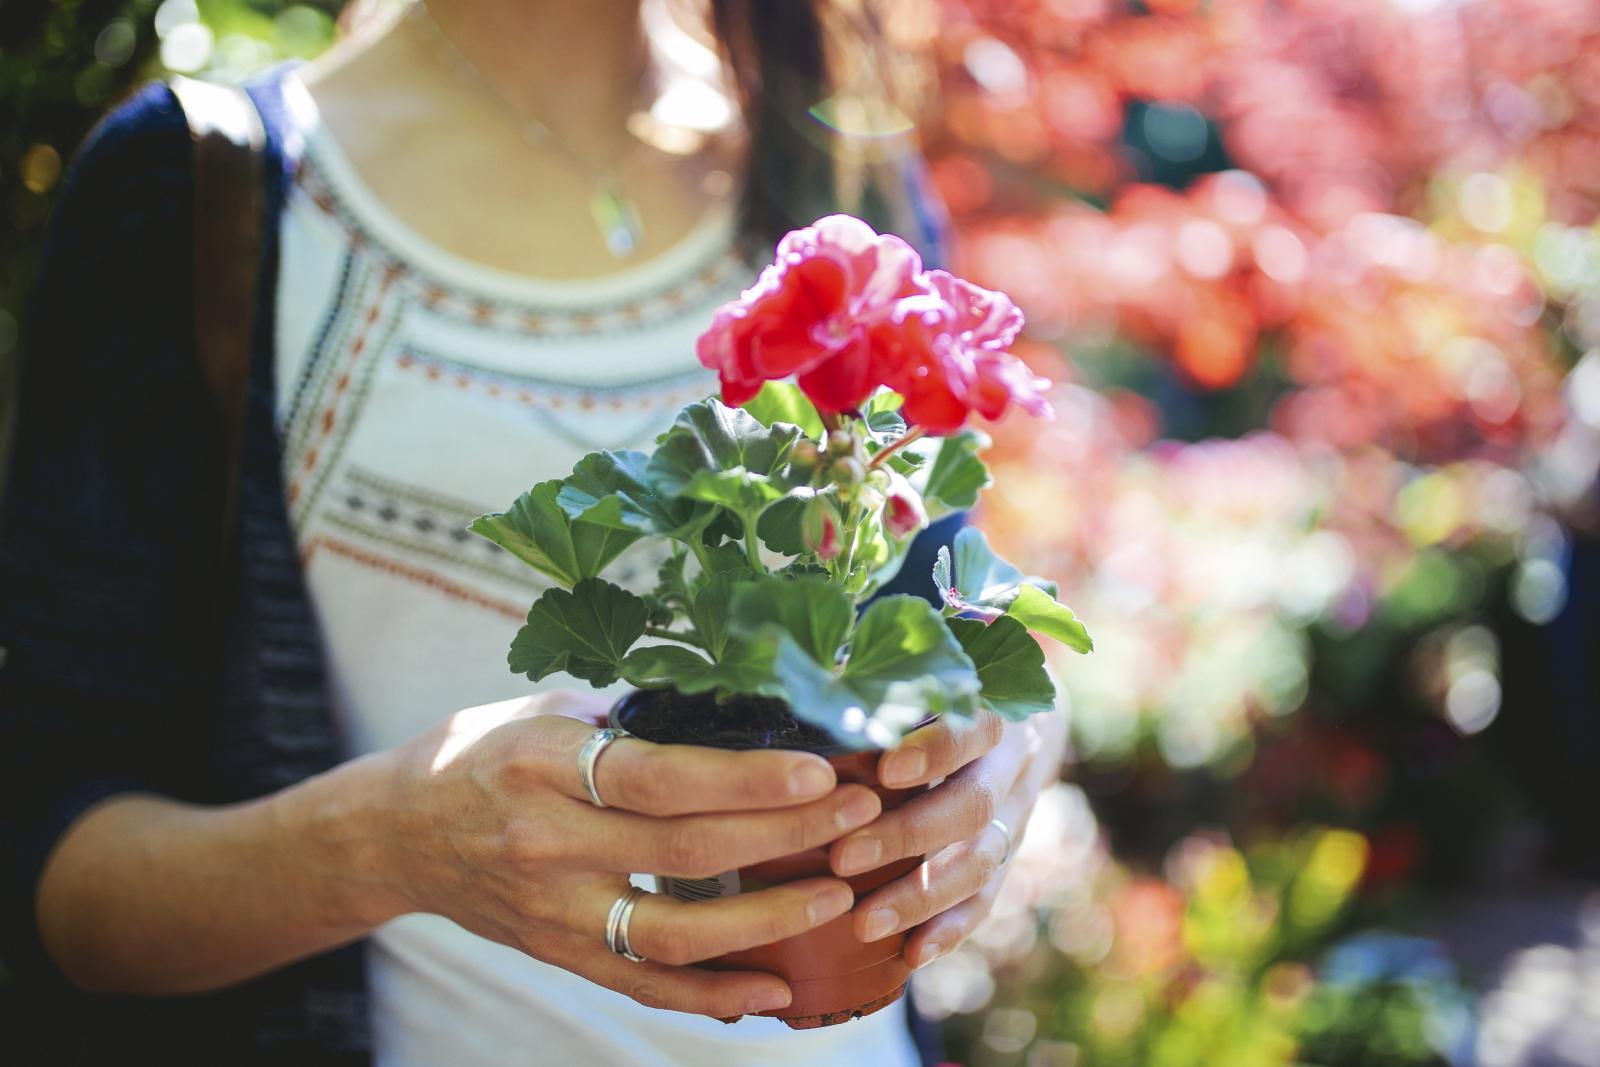 O ovom cvijetu pišu i sanjarice: ako u snu gledate u pelargoniju, na pomolu je nova nada, a dodirujete li ju u snu, to je znamen sreće.